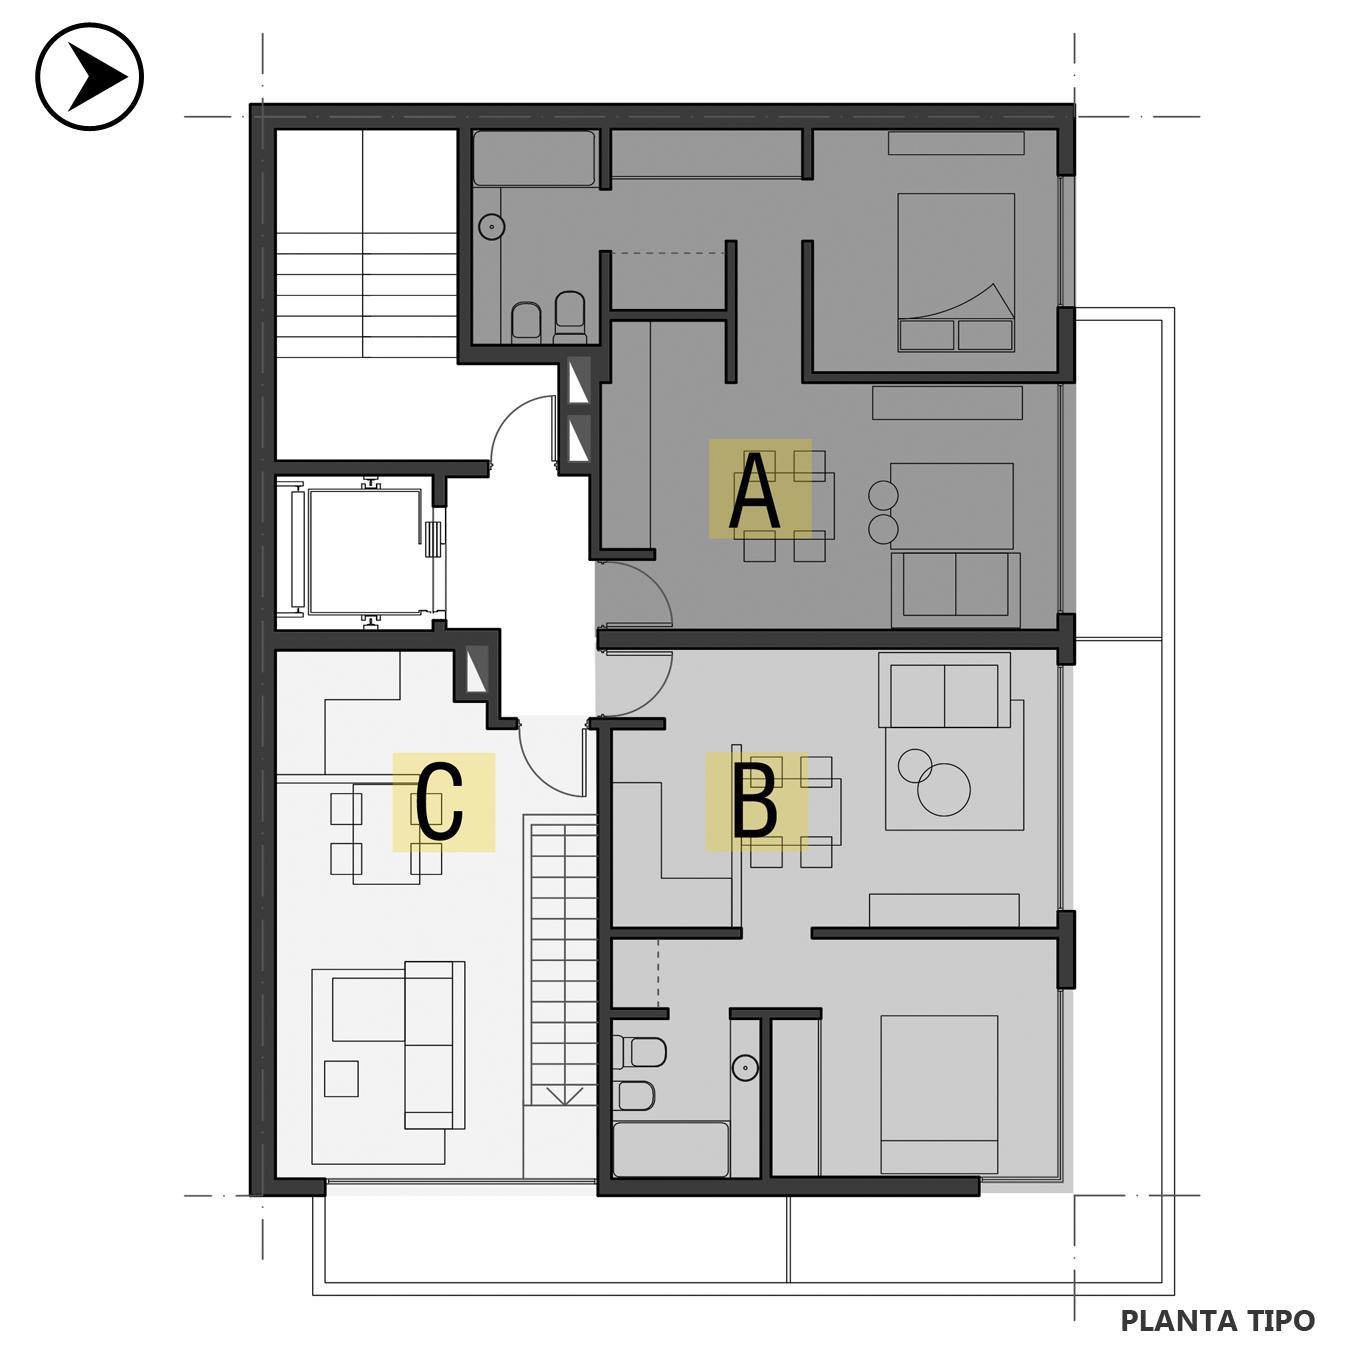 Venta departamento 1 dormitorio Rosario, Centro. Cod CBU24188 AP2257808. Crestale Propiedades